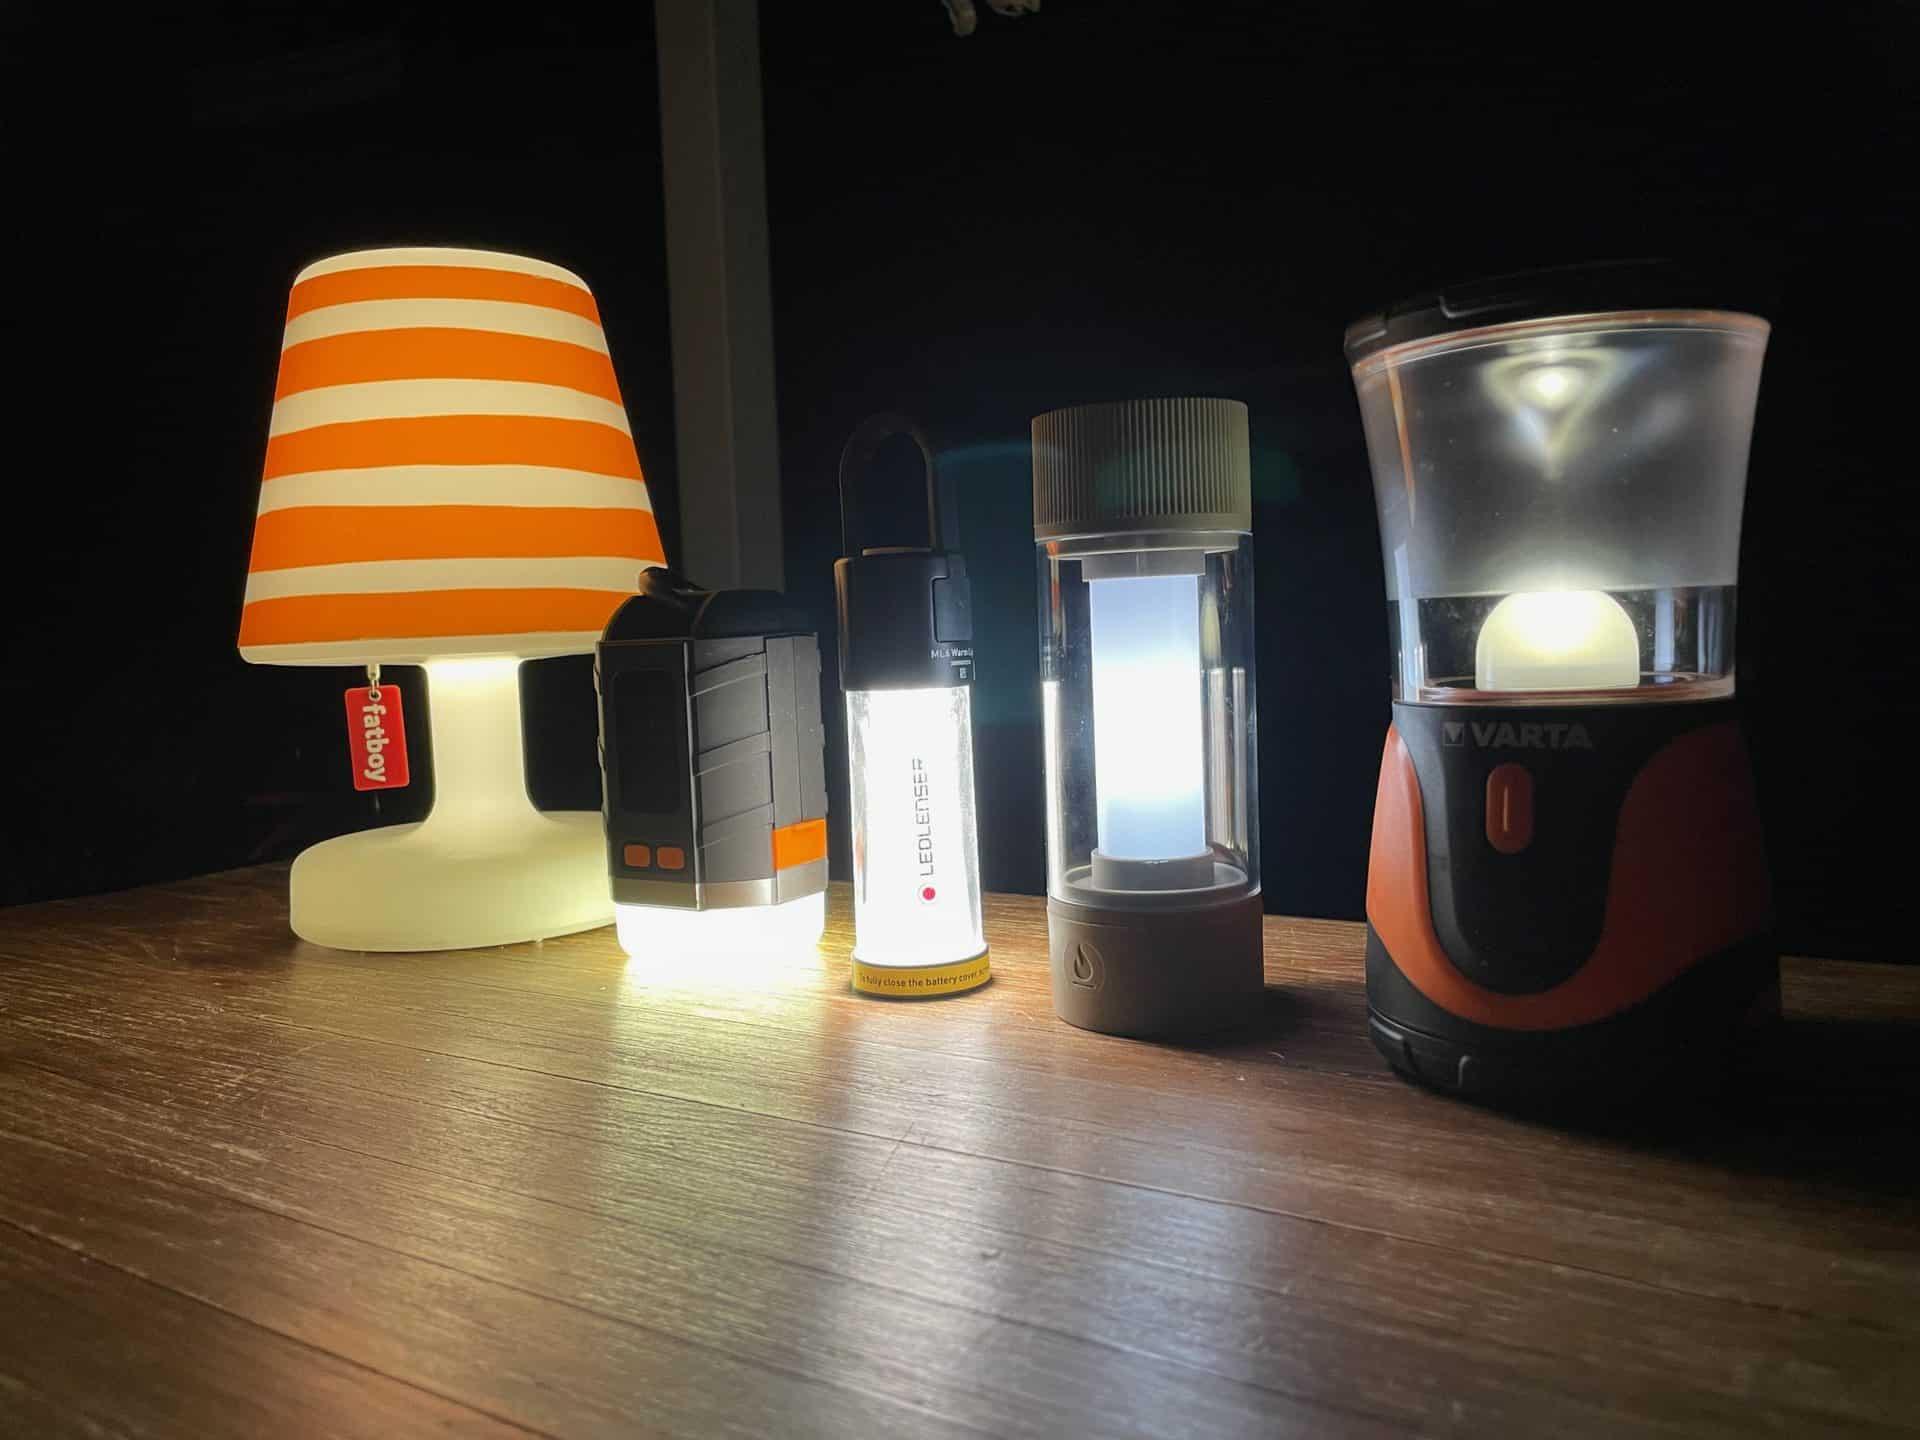 iPhone12Pro-Fotos-LED-Lampen-im-Vergleich-bei-Nacht